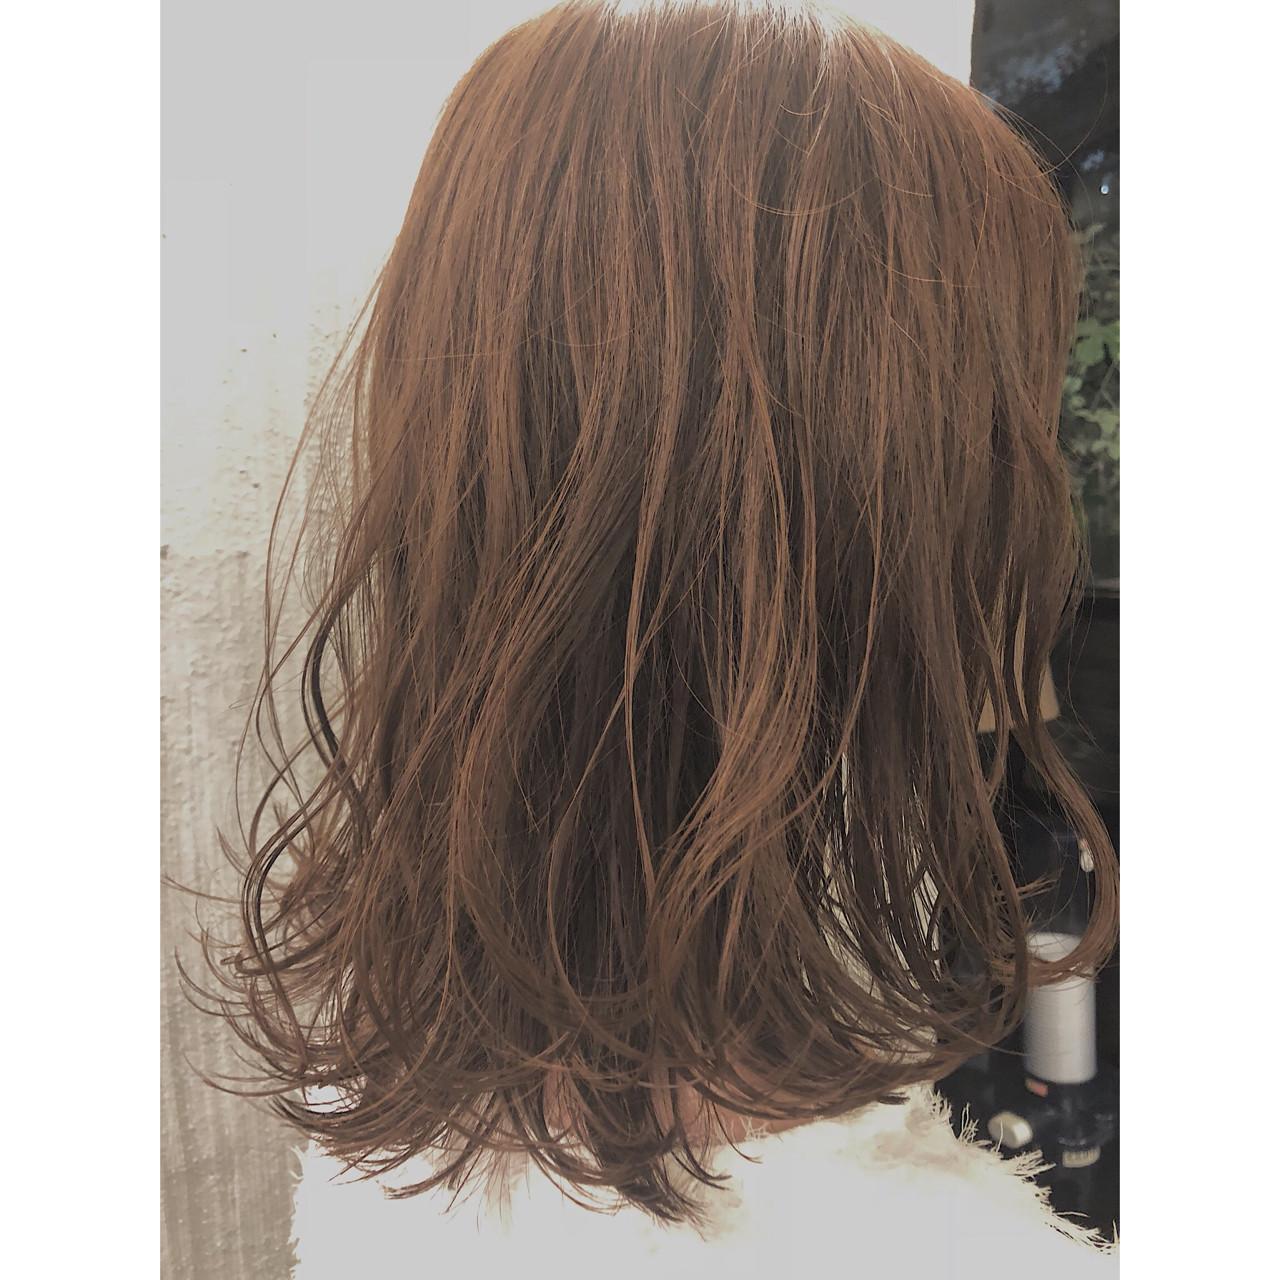 透明感 前髪あり ナチュラル ボブ ヘアスタイルや髪型の写真・画像